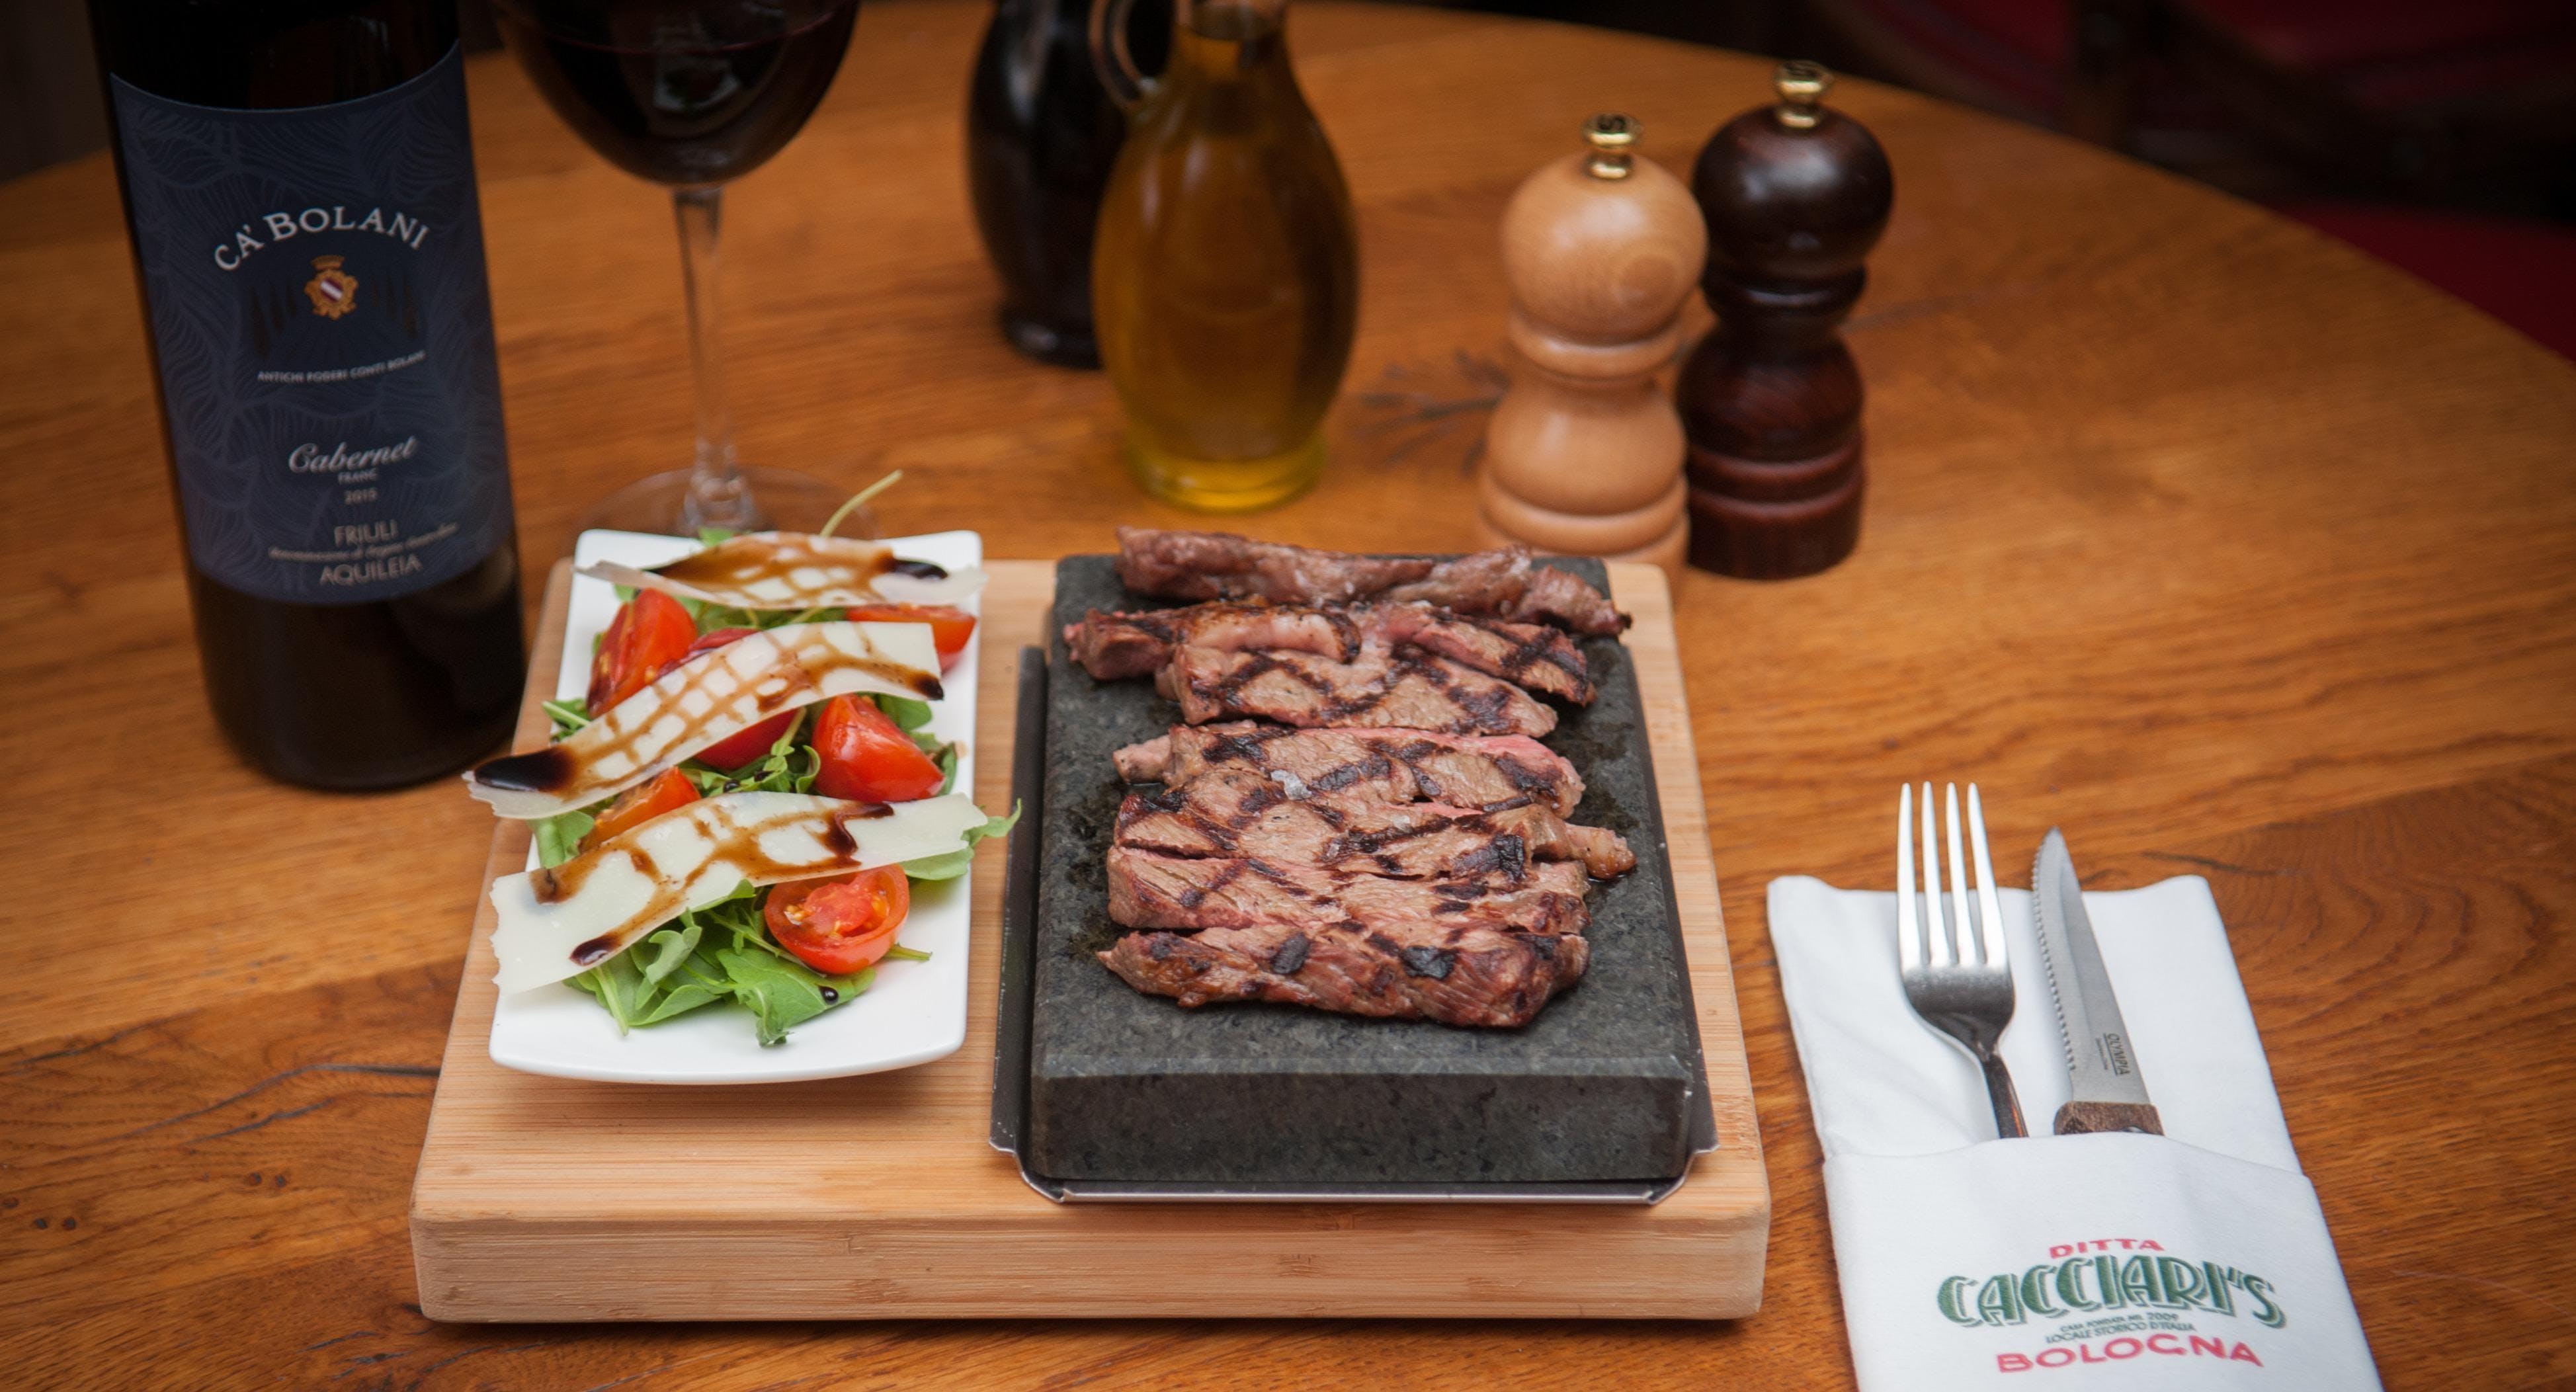 Cacciari's Restaurant - Old Brompton Road